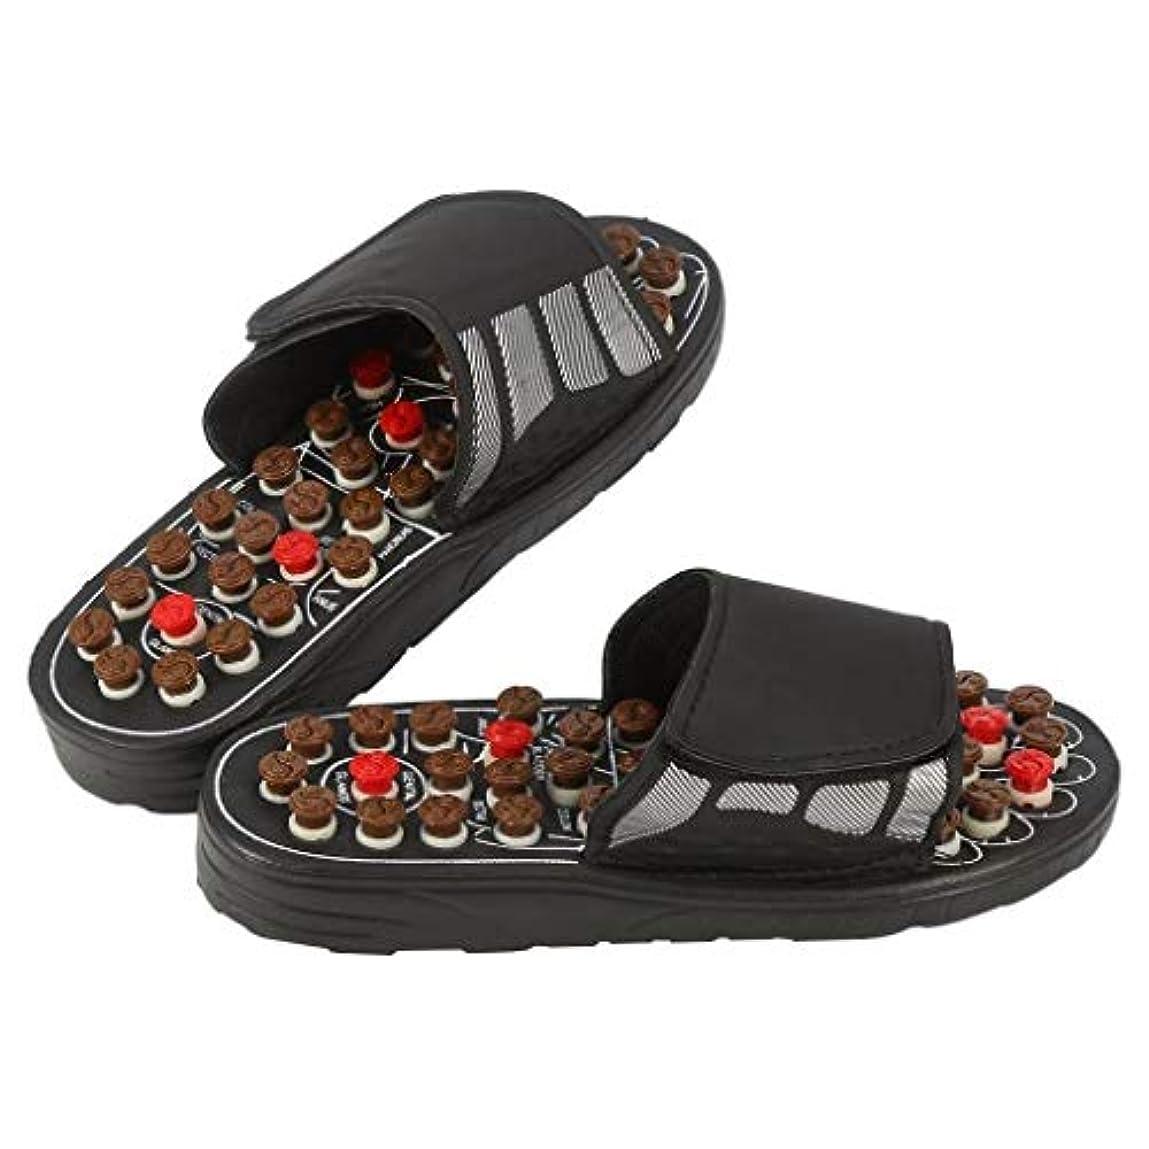 国際プラットフォーム言い訳磁気マッサージインソール、指圧靴マッサージ効果インソール健康足医療援助足リフレクソロジーは、血液循環疲労を促進します (Color : 黒, Size : 40-41)